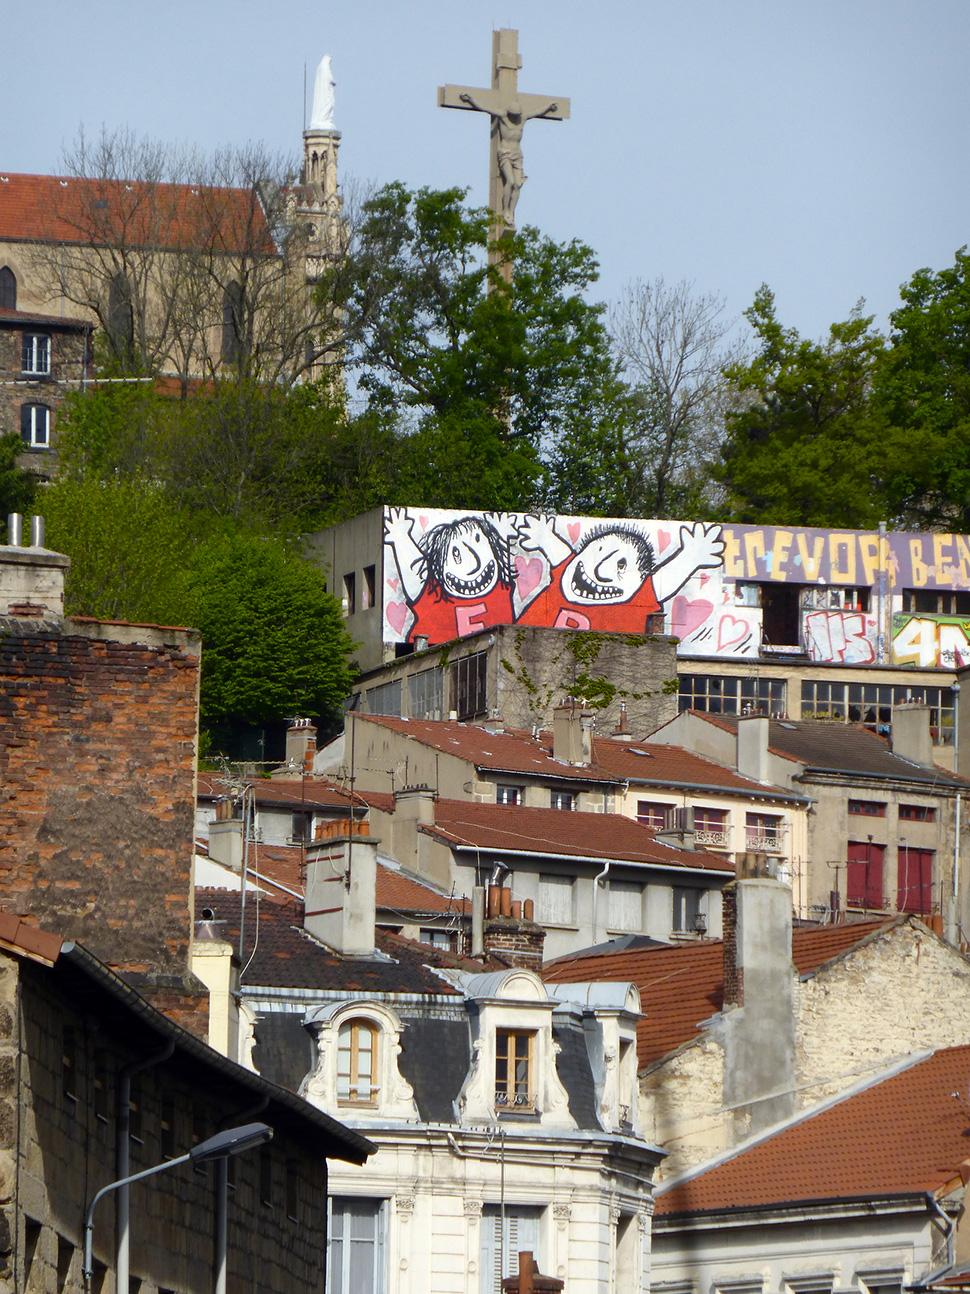 Ella-&-Pitr-St-Etienne-toit-rooftop-piece-art-ubrain-les-papiers-peintres-saint-etienne-france-2014_2-web